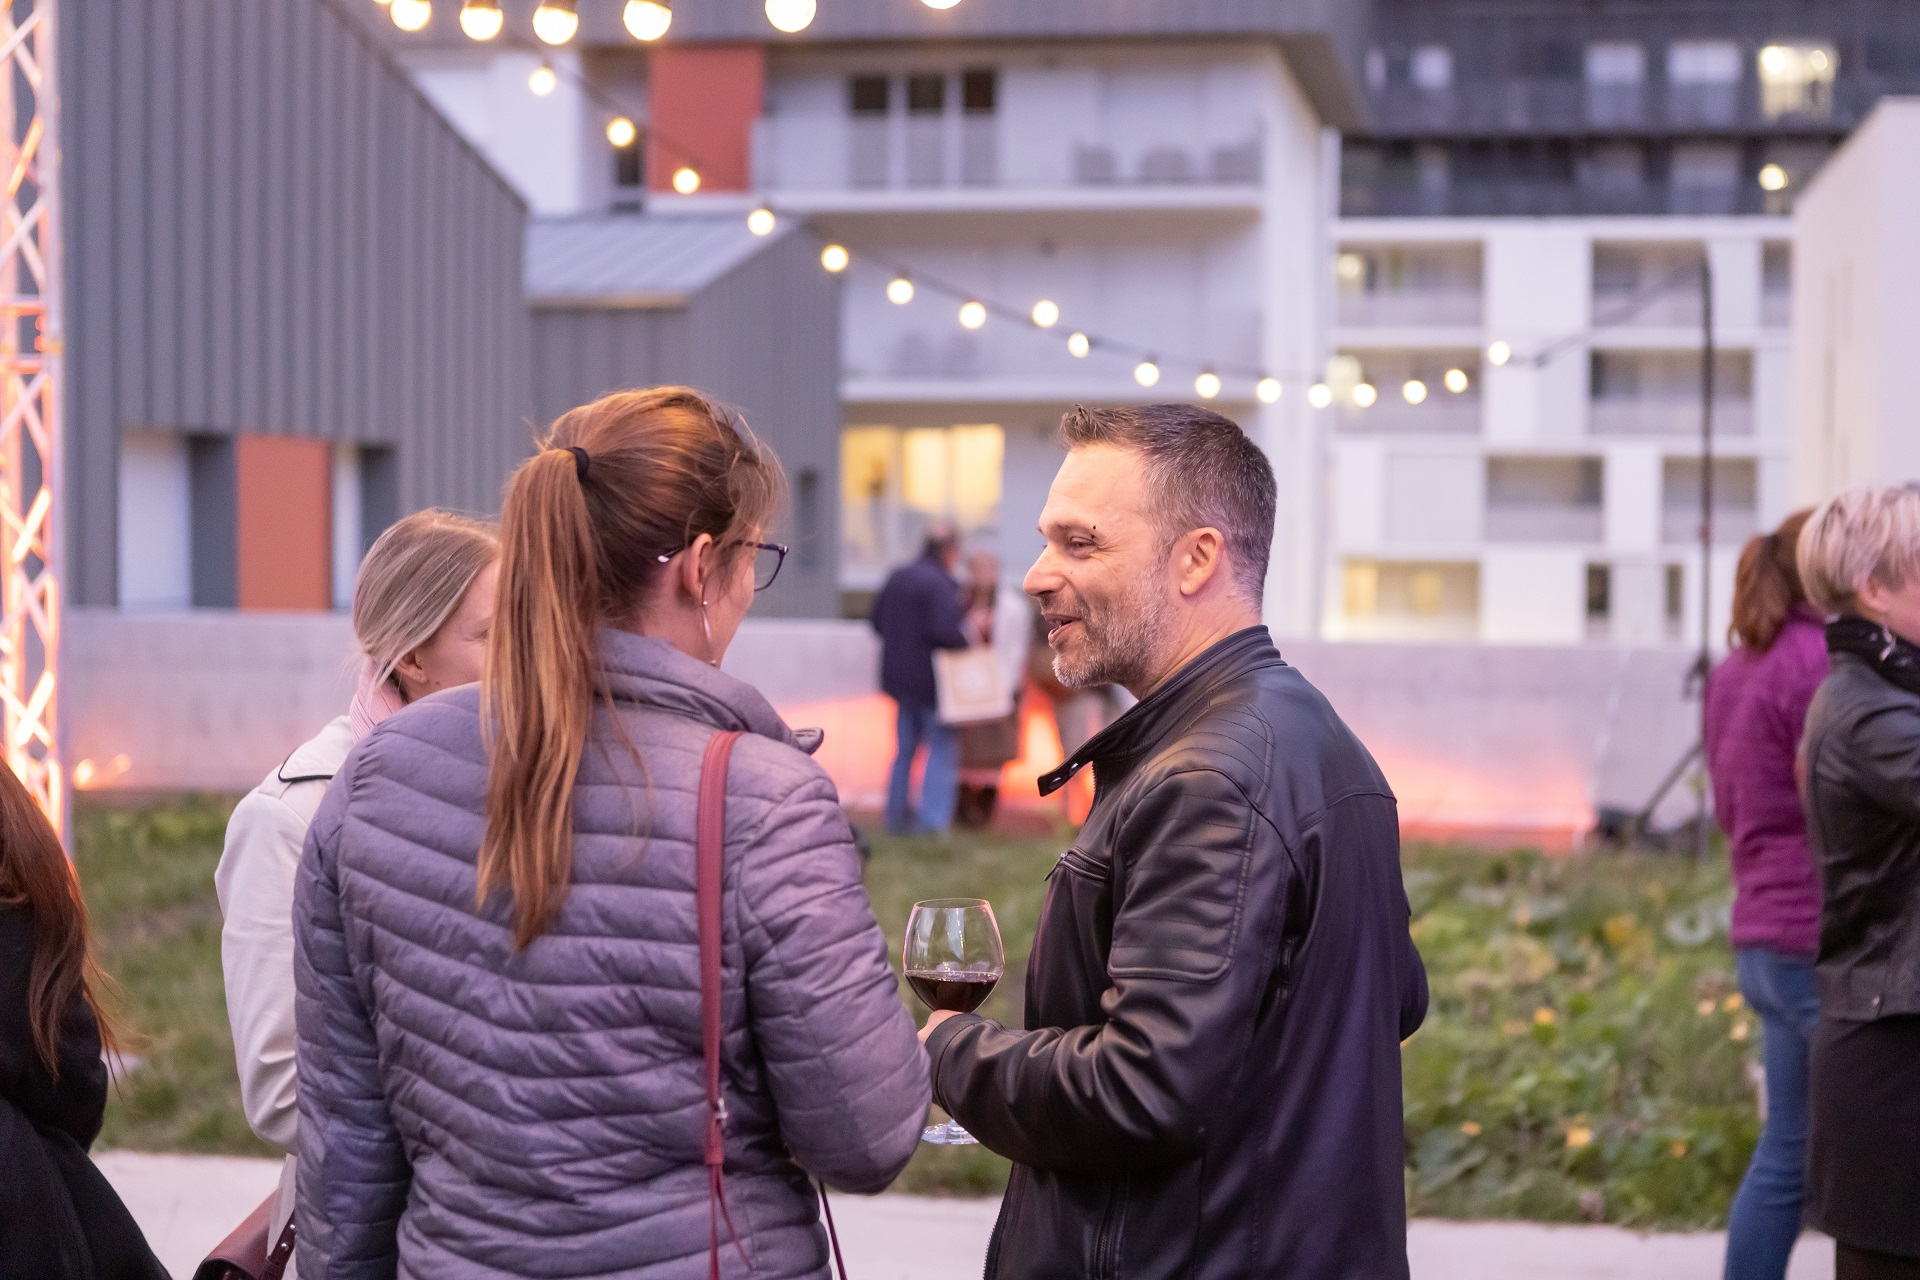 Résidents de la résidence immobilière Bouygues Immobilier discutant autour d'un verre convivial